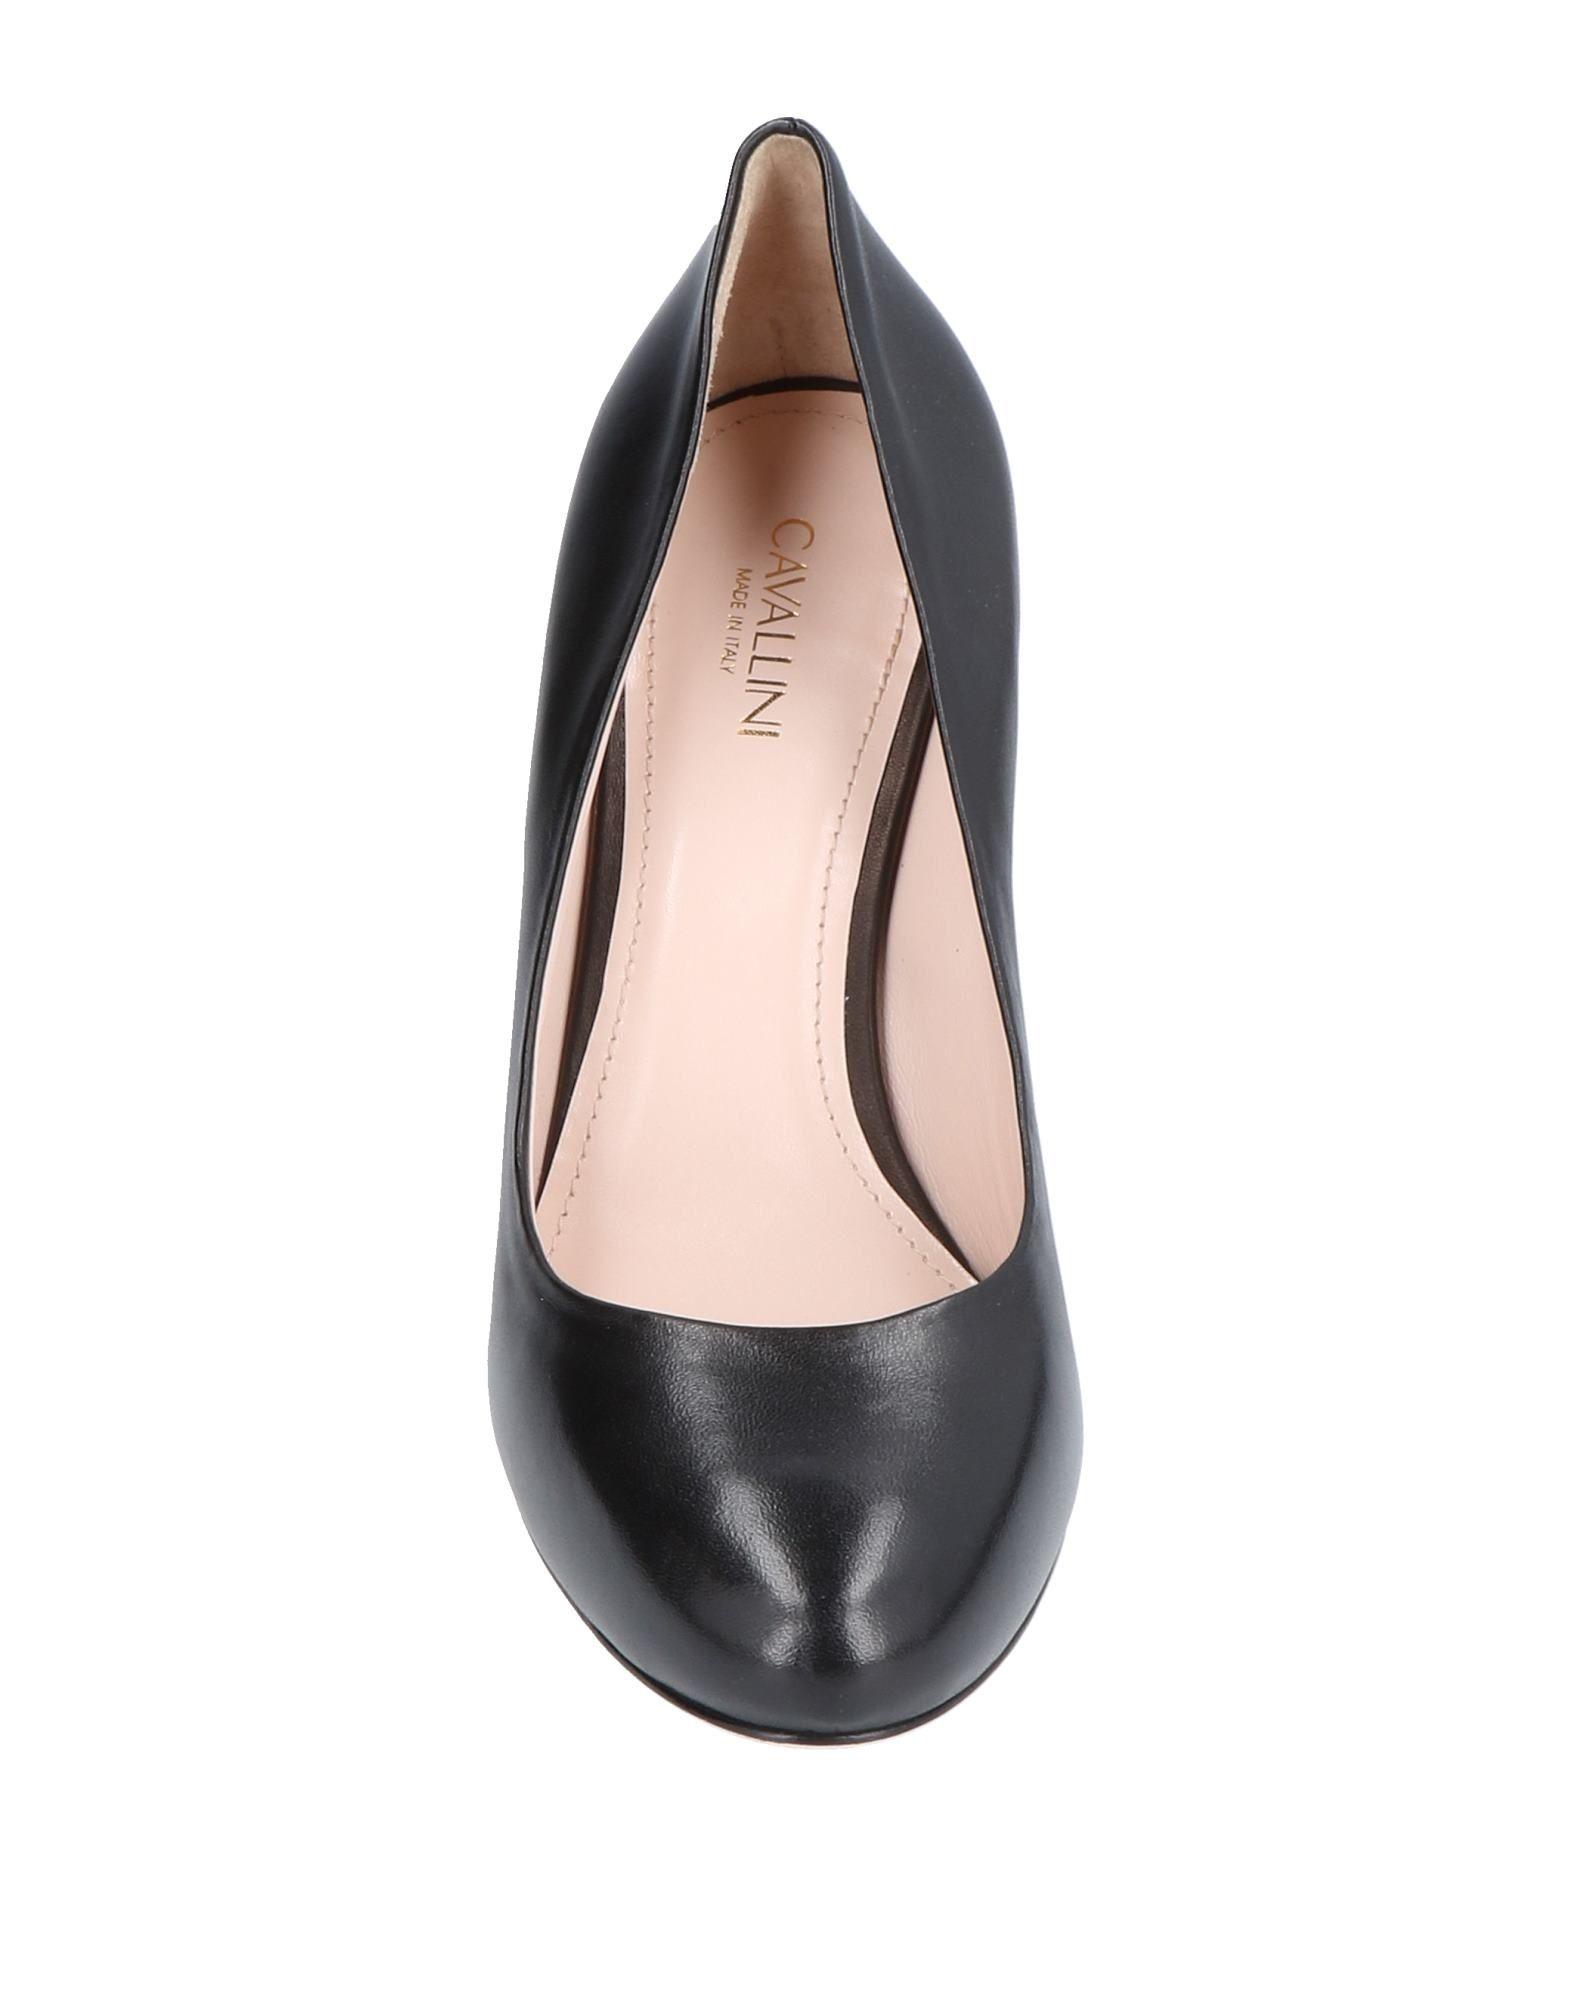 Cavallini Pumps Damen  Schuhe 11484017MD Gute Qualität beliebte Schuhe  aa87e4